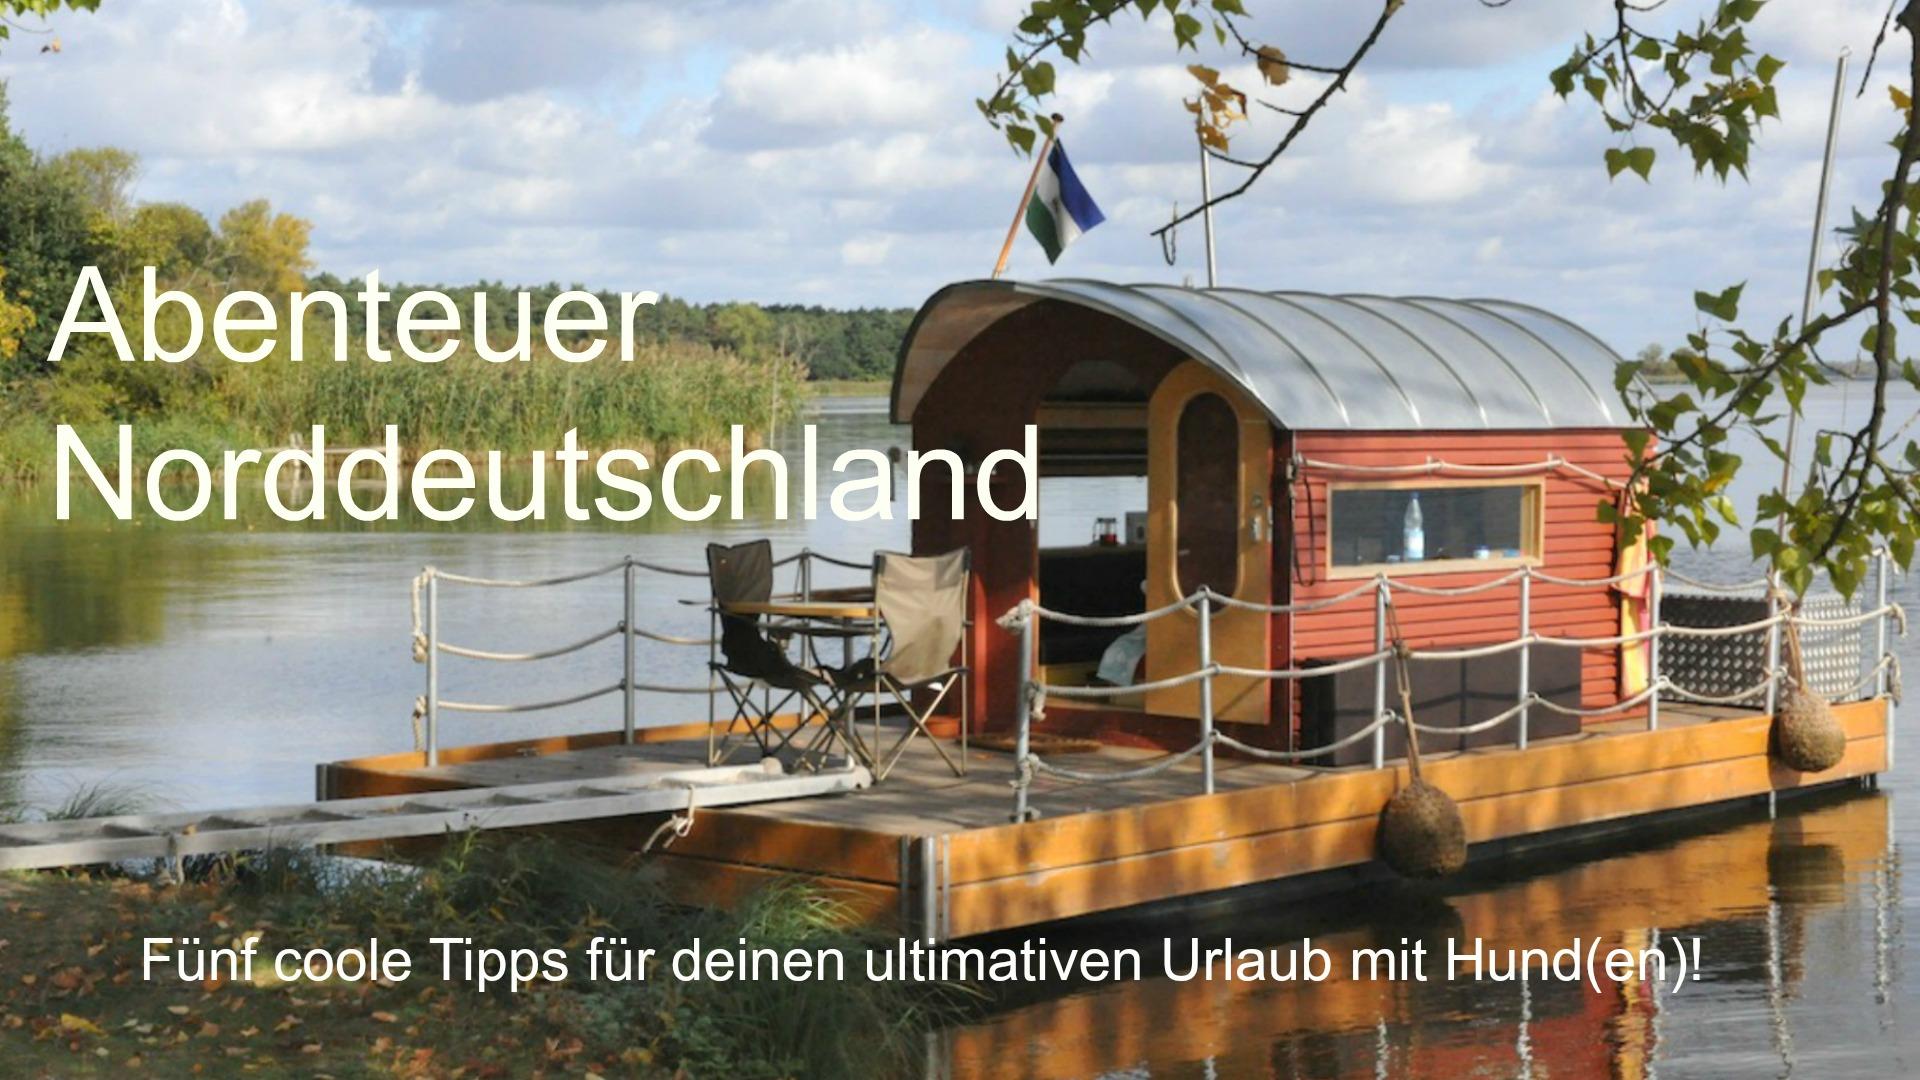 Ausflugtipps mit Hund in Norddeutschland